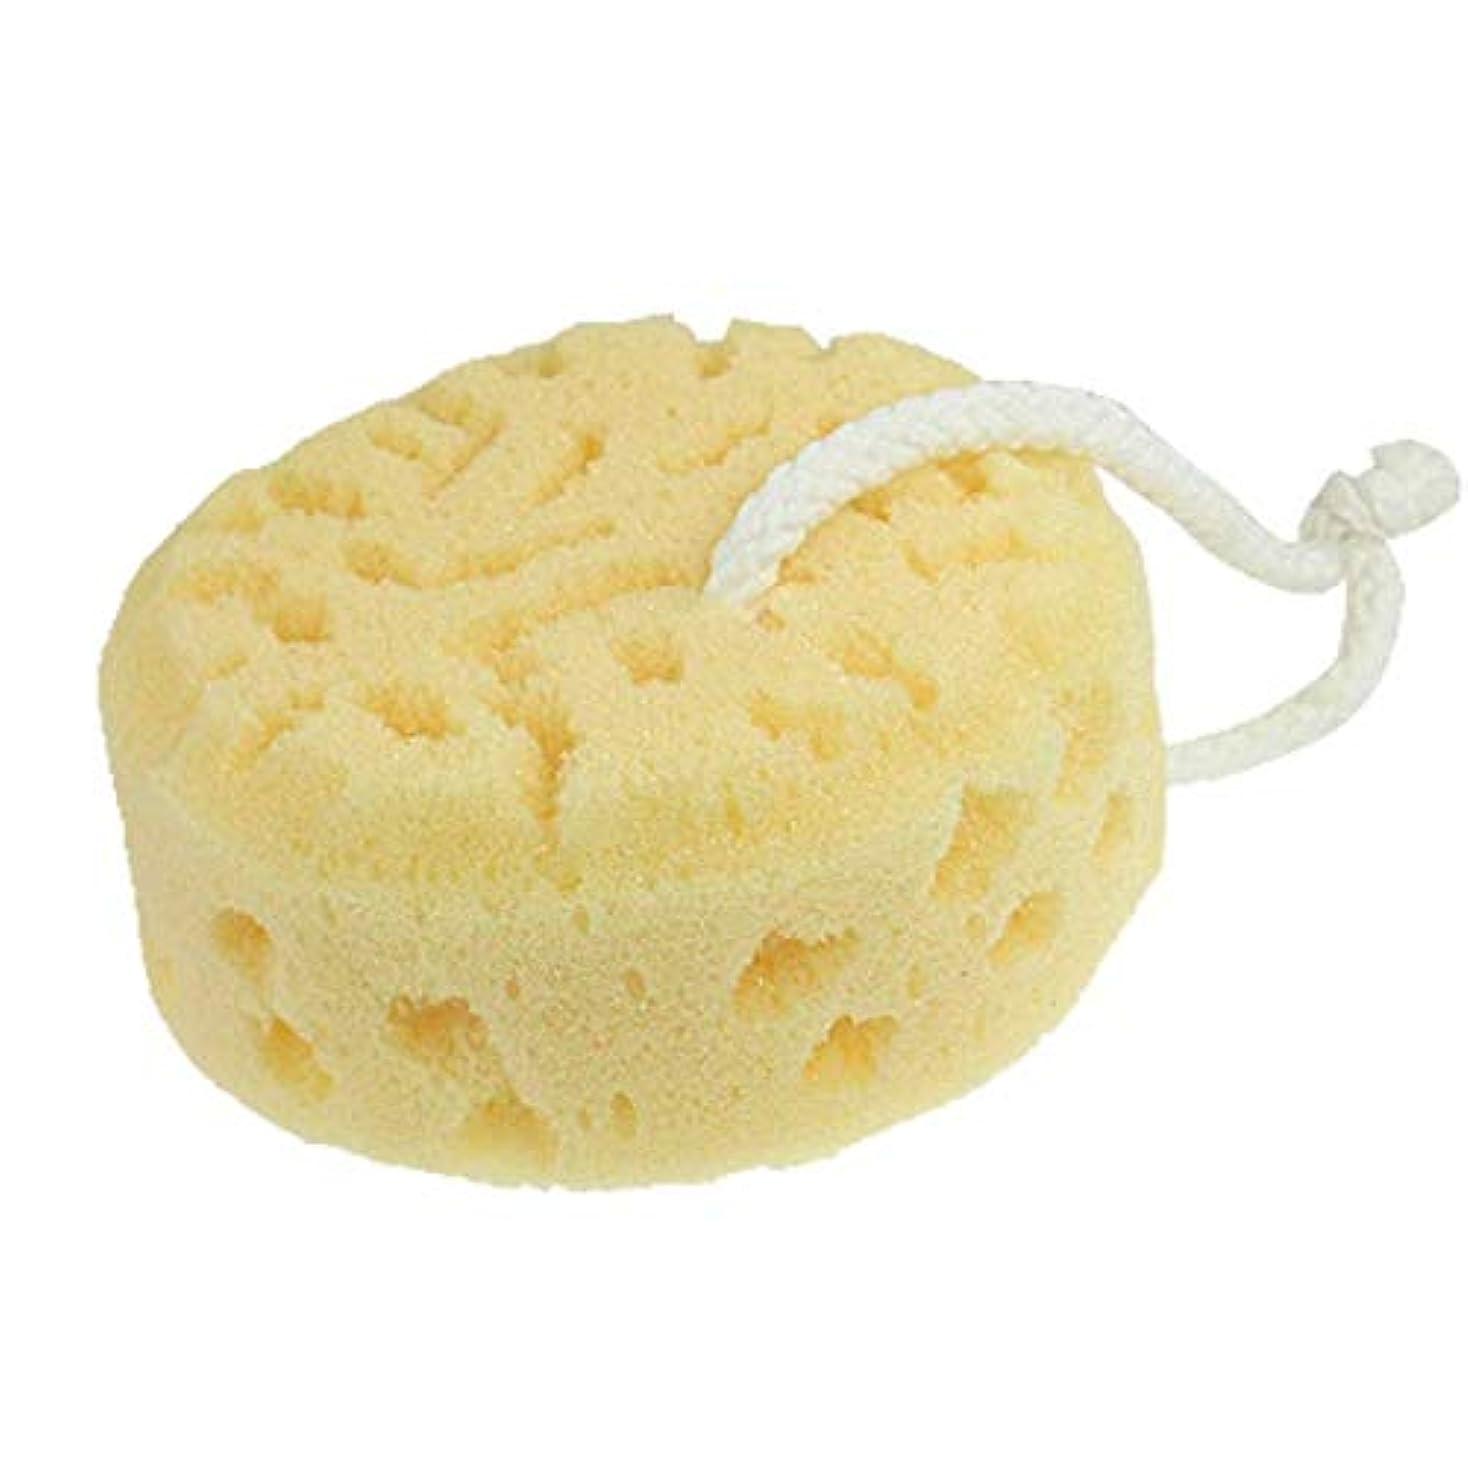 報告書餌手つかずのUotyle ボディスポンジ 泡立ち ふわふわ お風呂用 ボディ用ブラシ 肌にやさしい 浴用スポンジ